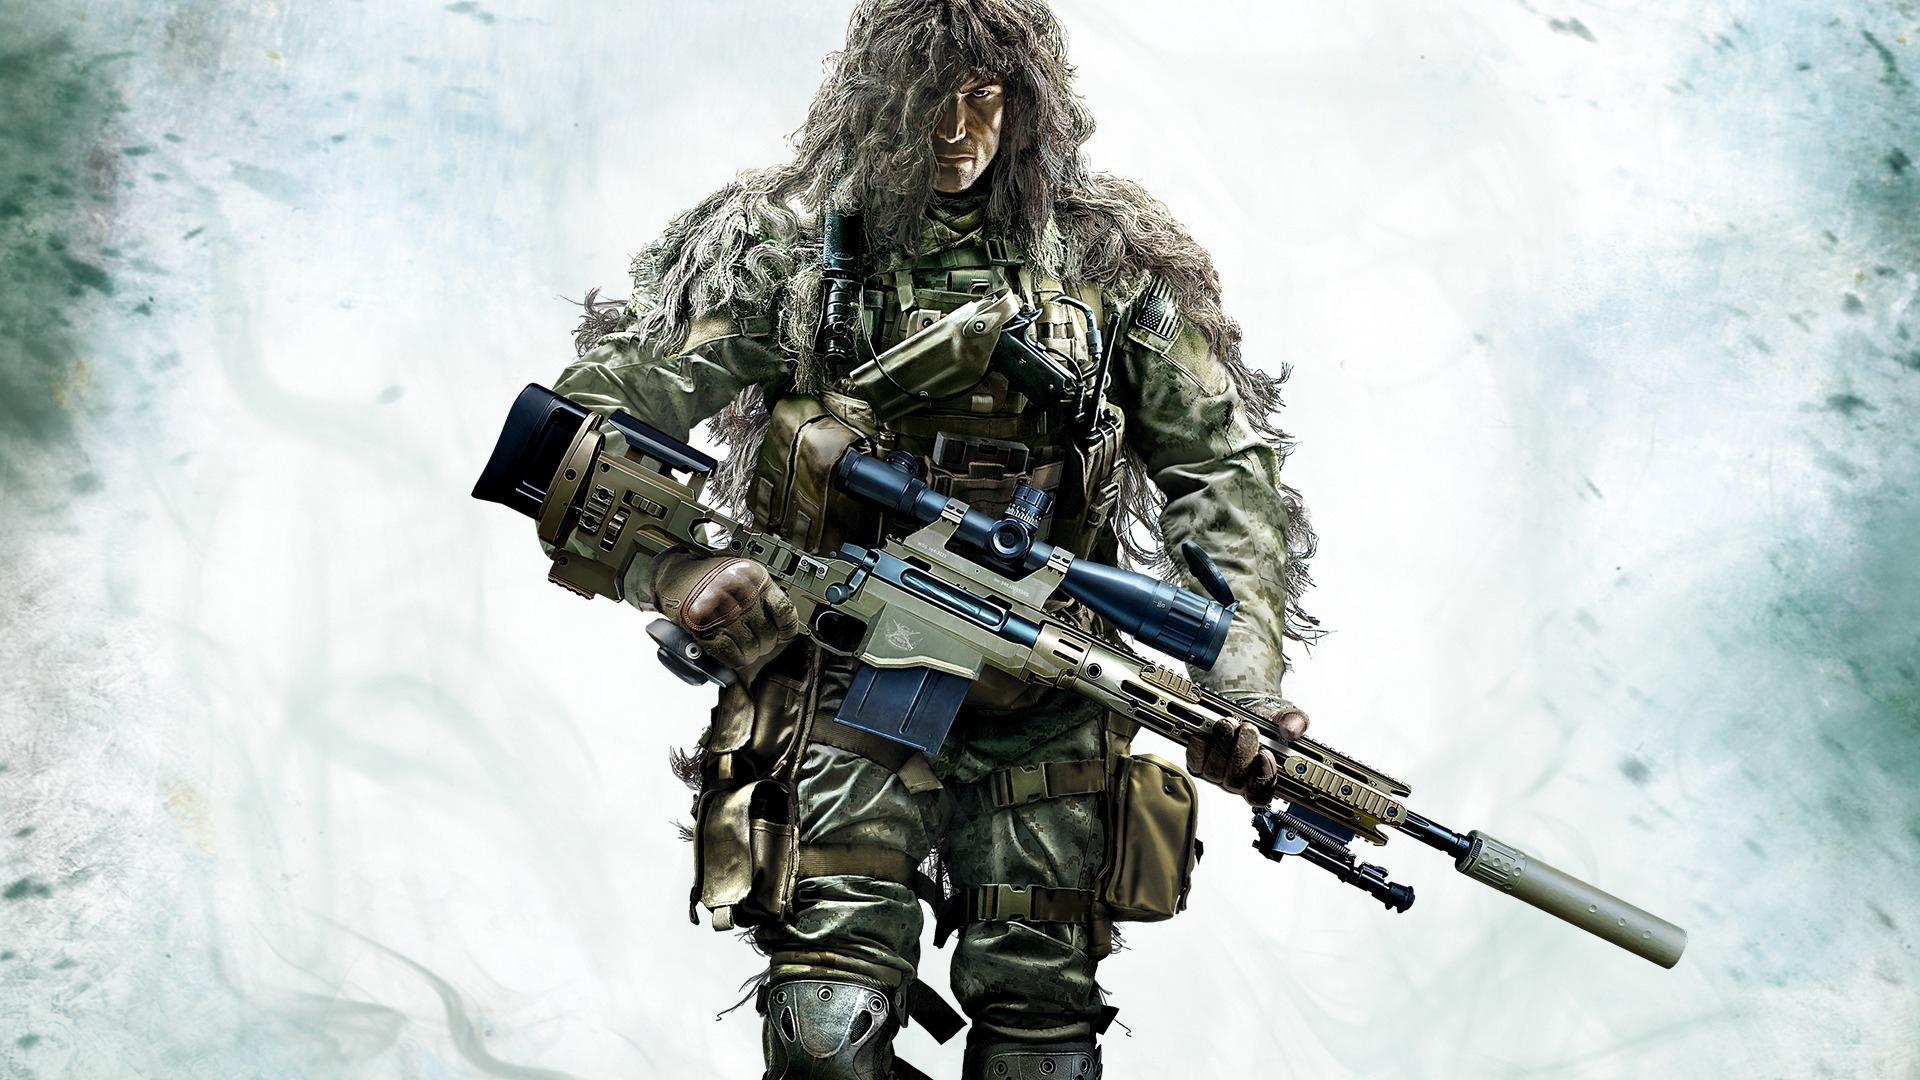 Из игры Sniper: Ghost Warrior 2 бойца в комуфляже обои скачать